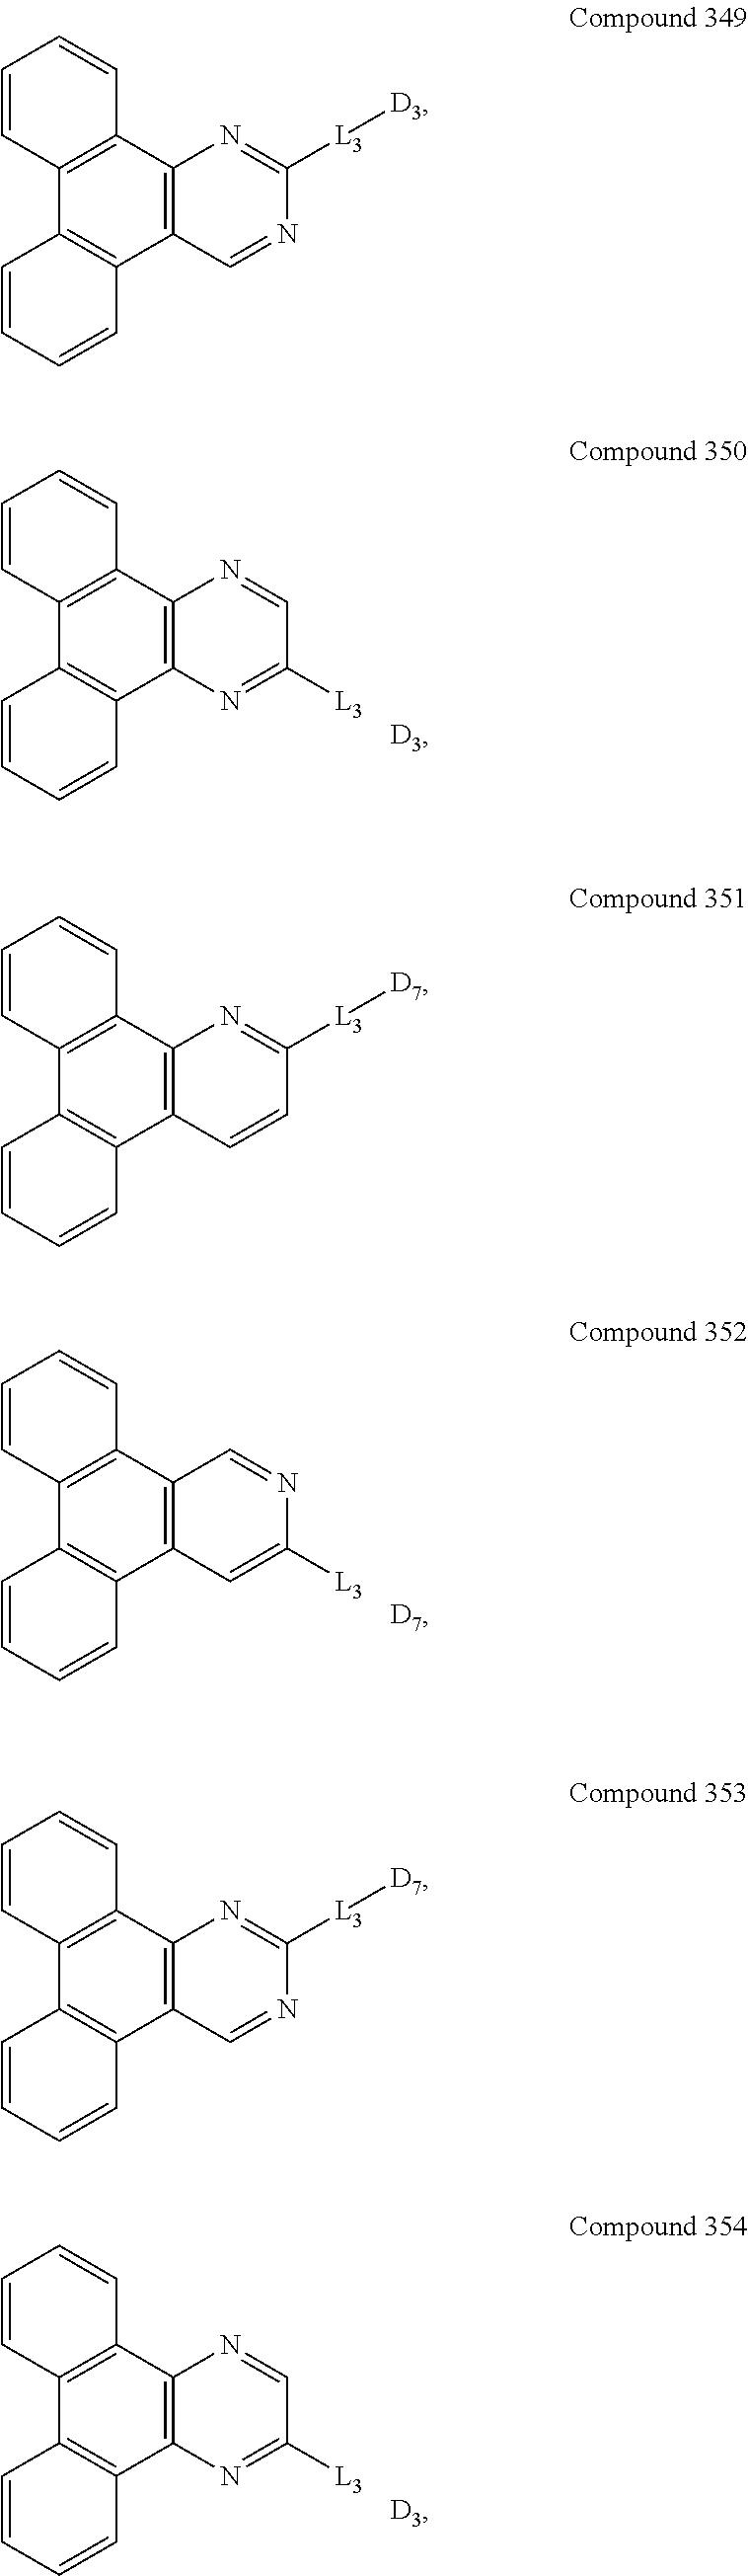 Figure US09537106-20170103-C00098